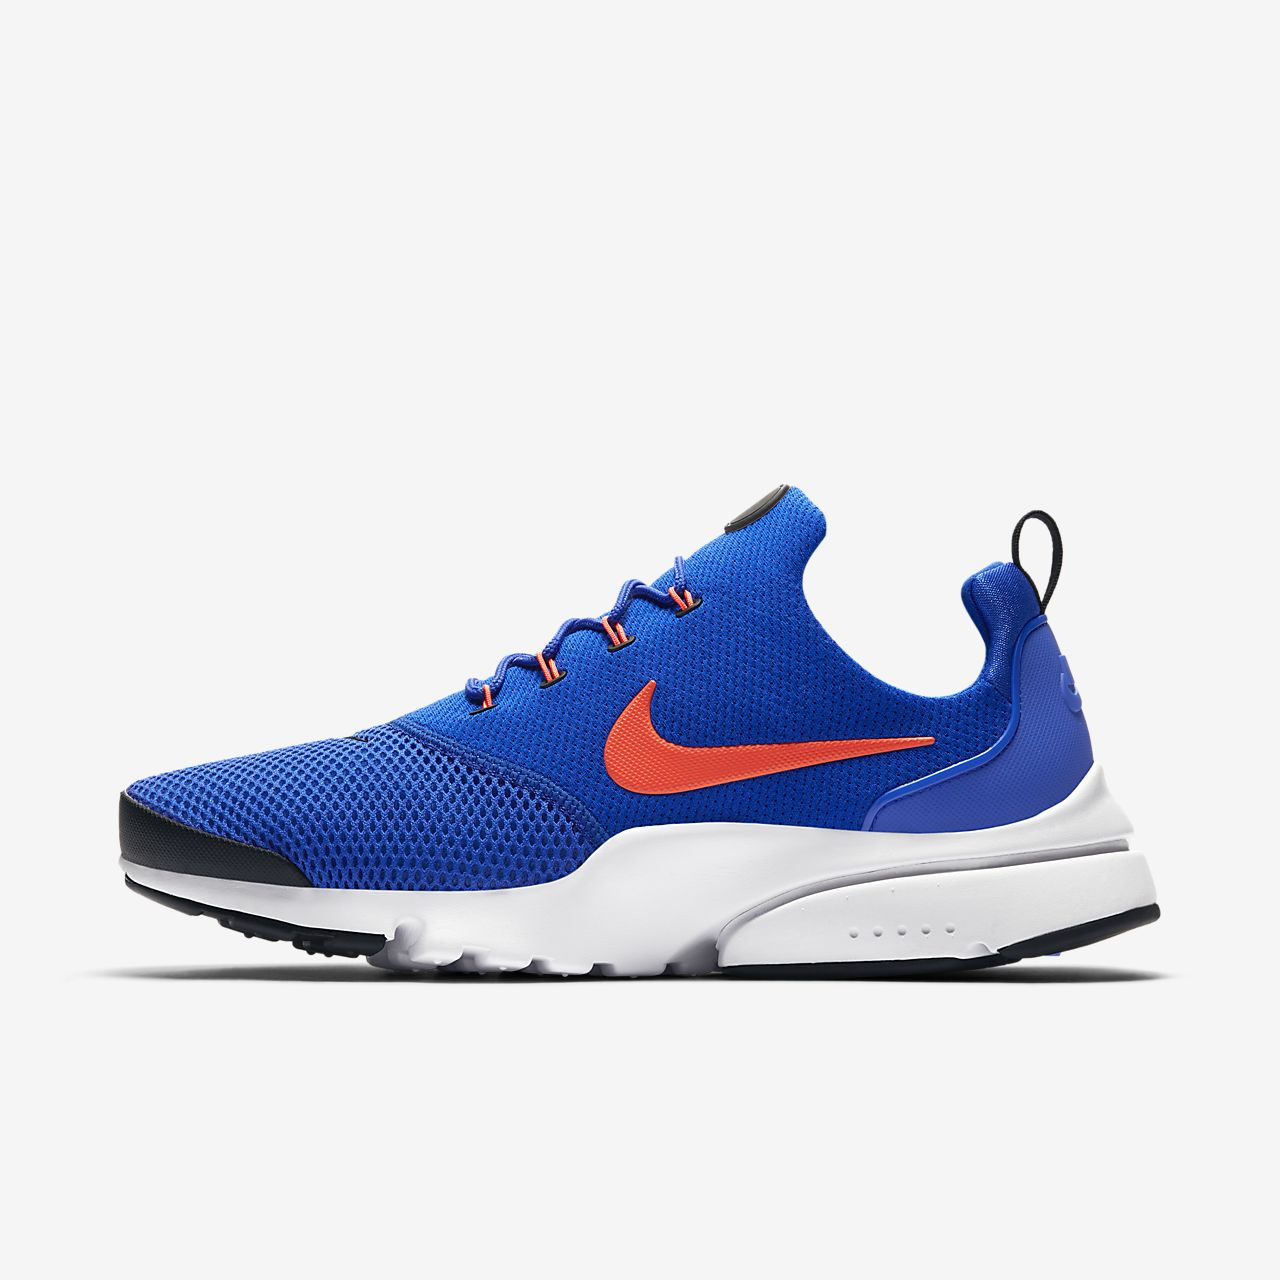 new concept bde3d 4770e ... Nike Presto Fly Men s Shoe